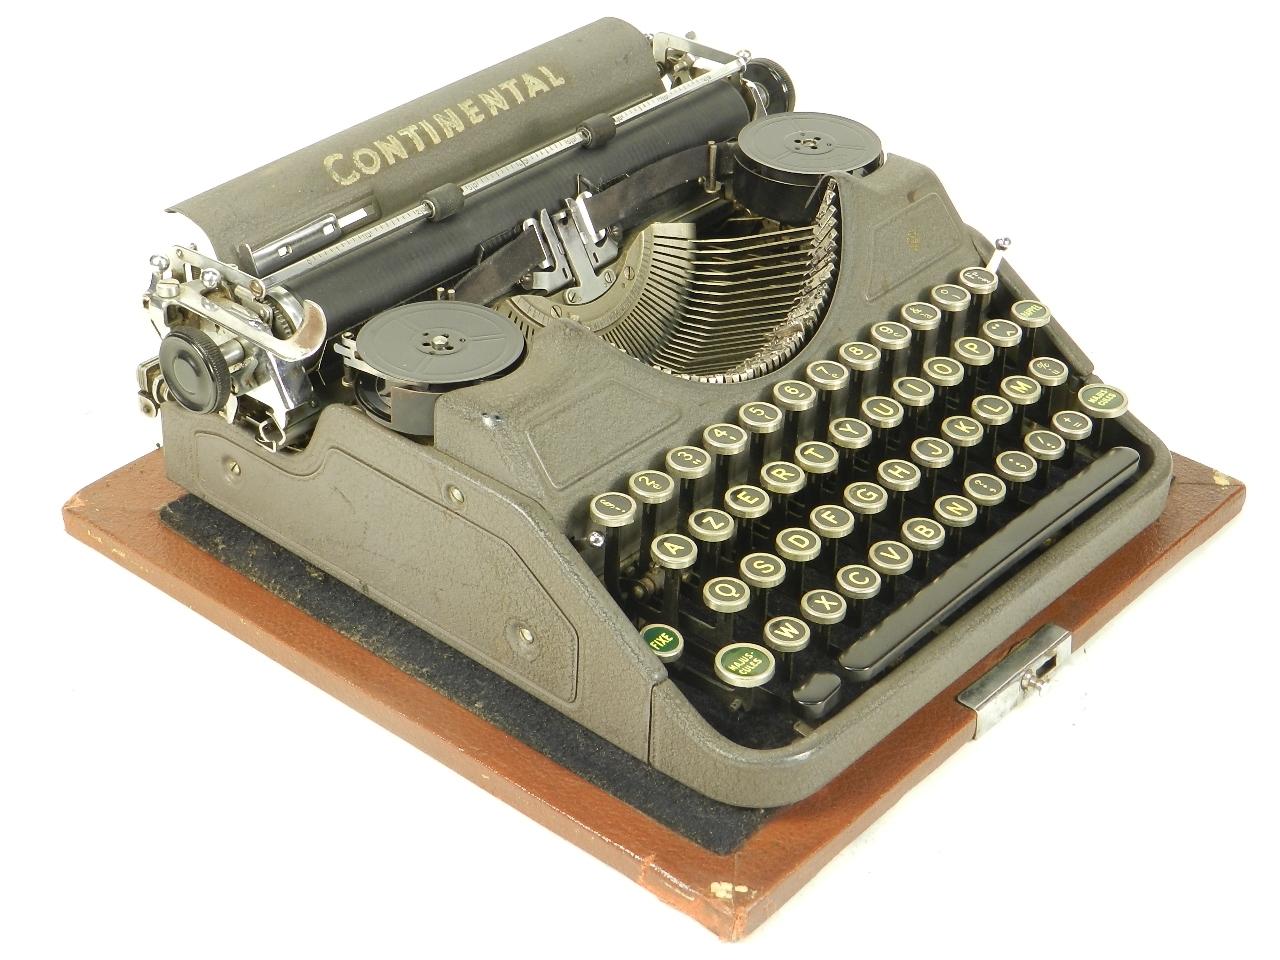 Imagen CONTINENTAL W50  AÑO 1939 COLOR GRIS 30537